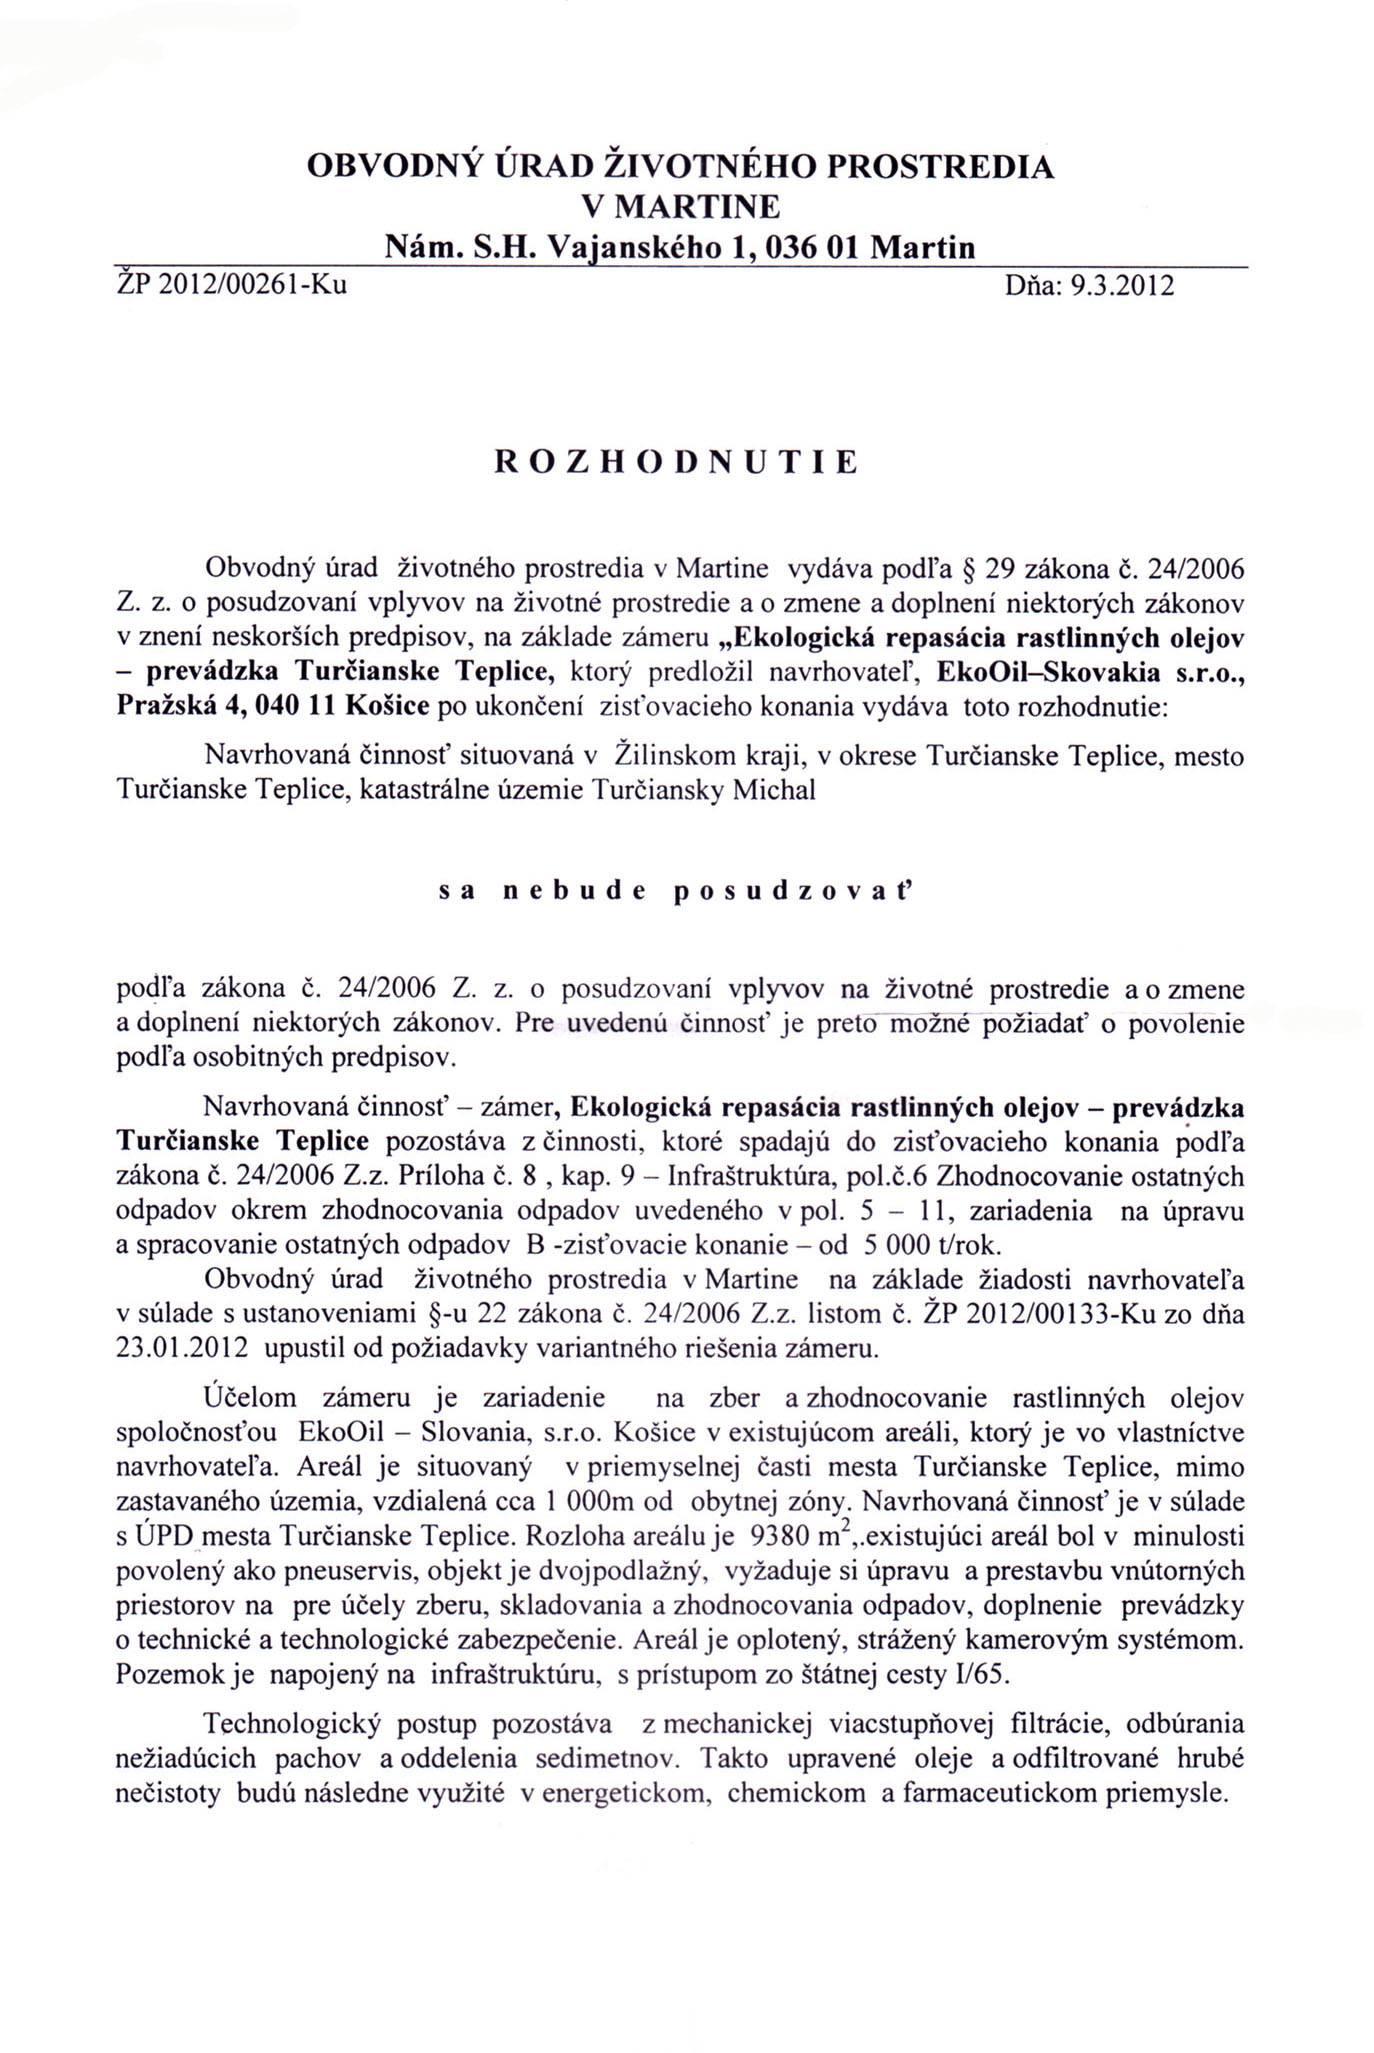 Rozhodnutie EIA 1 strana